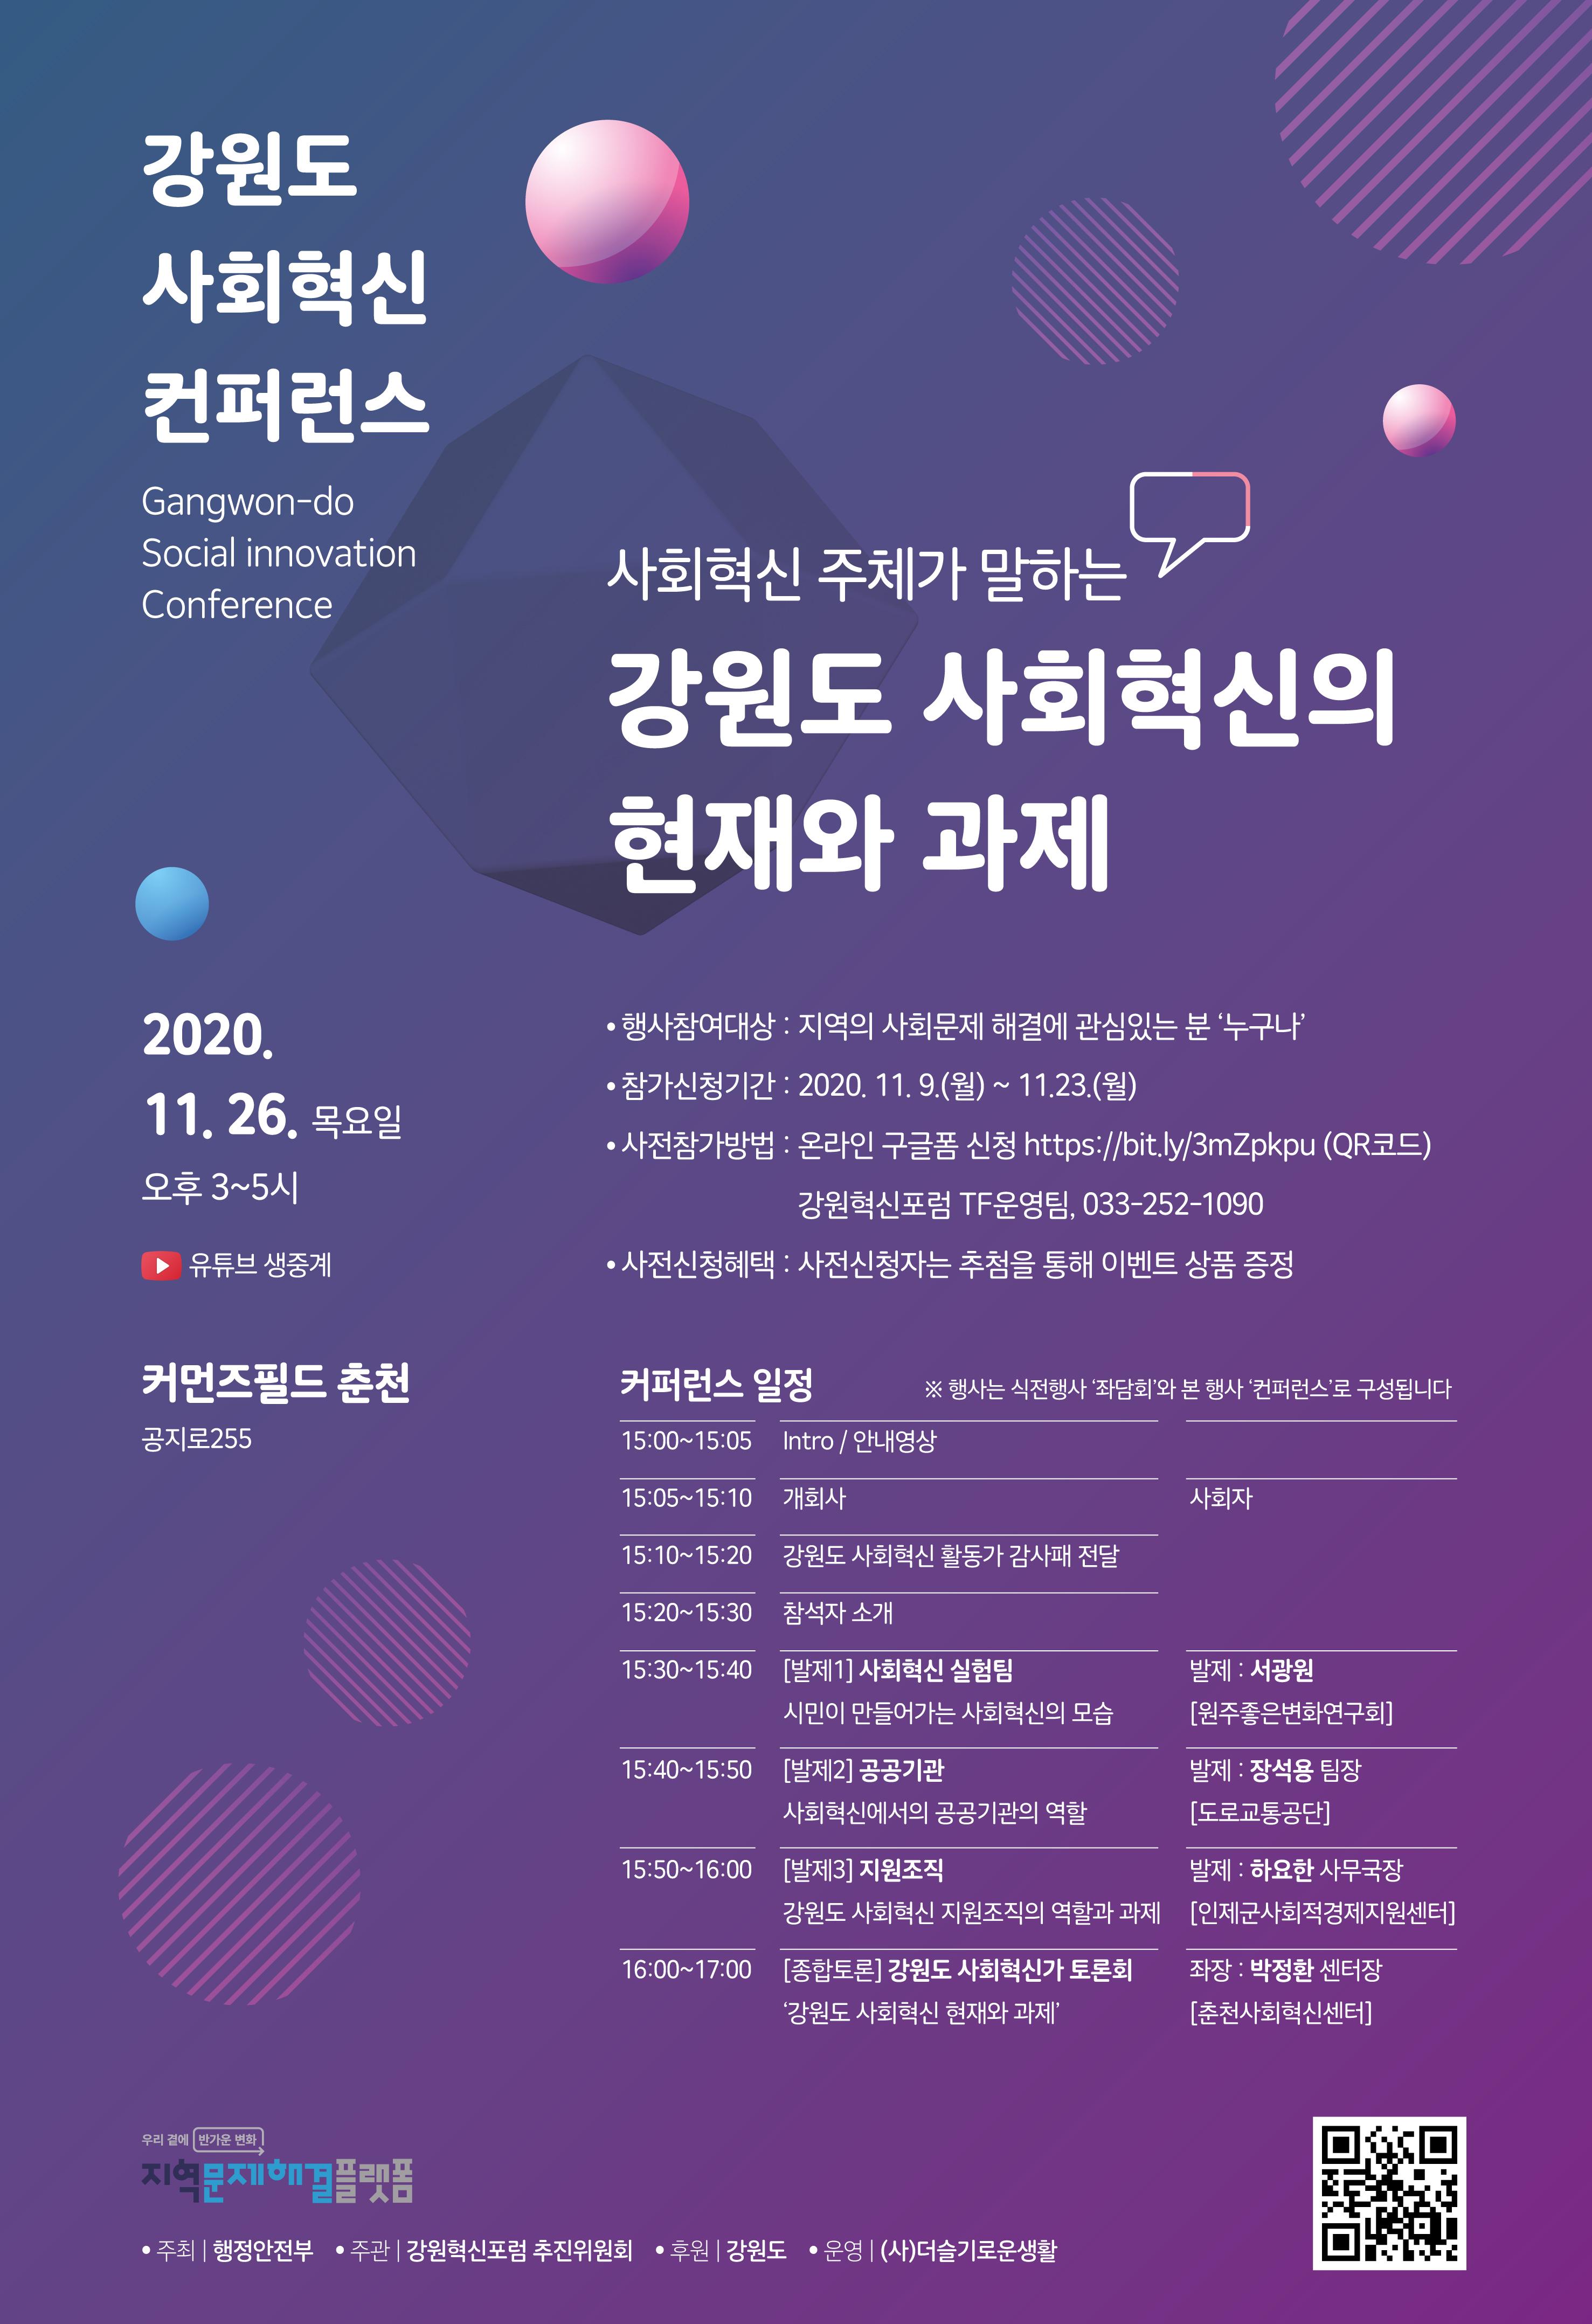 [안내] 강원혁신포럼 | 강원도 사회혁신 컨퍼런스 '강원도 사회혁신 현재와 과제'